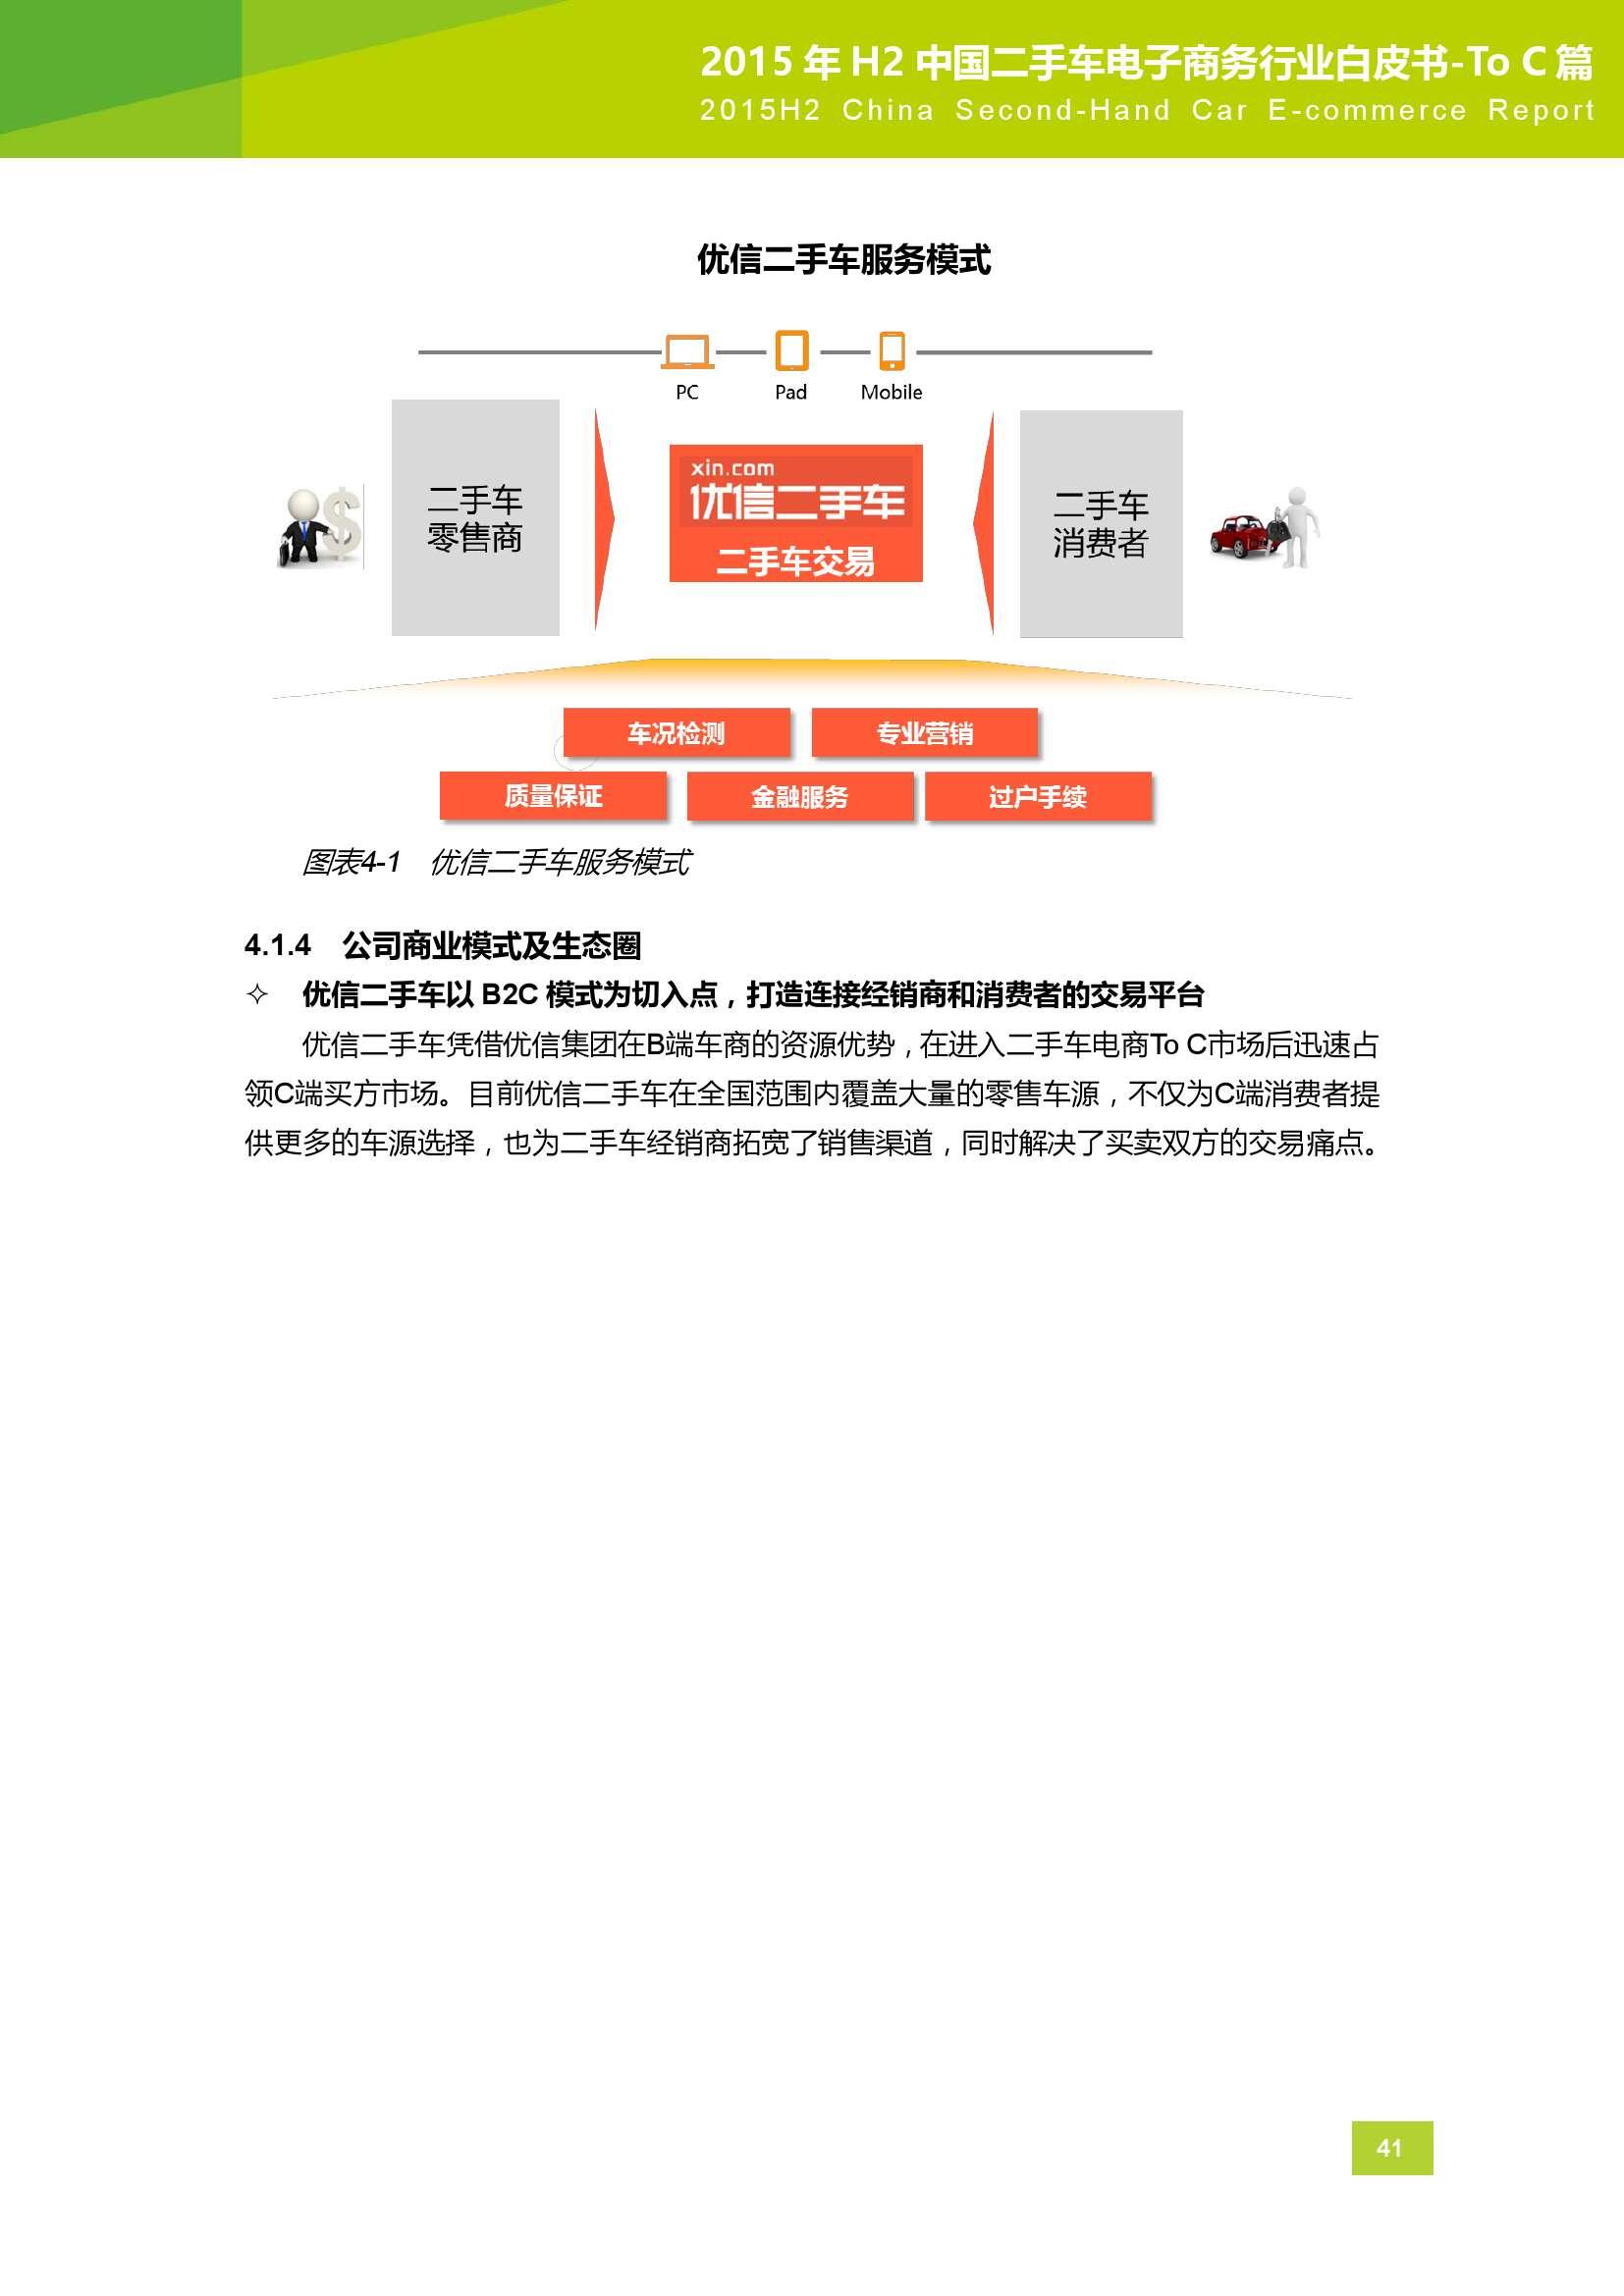 2015年H2中国二手车电子商务行业白皮书_000041